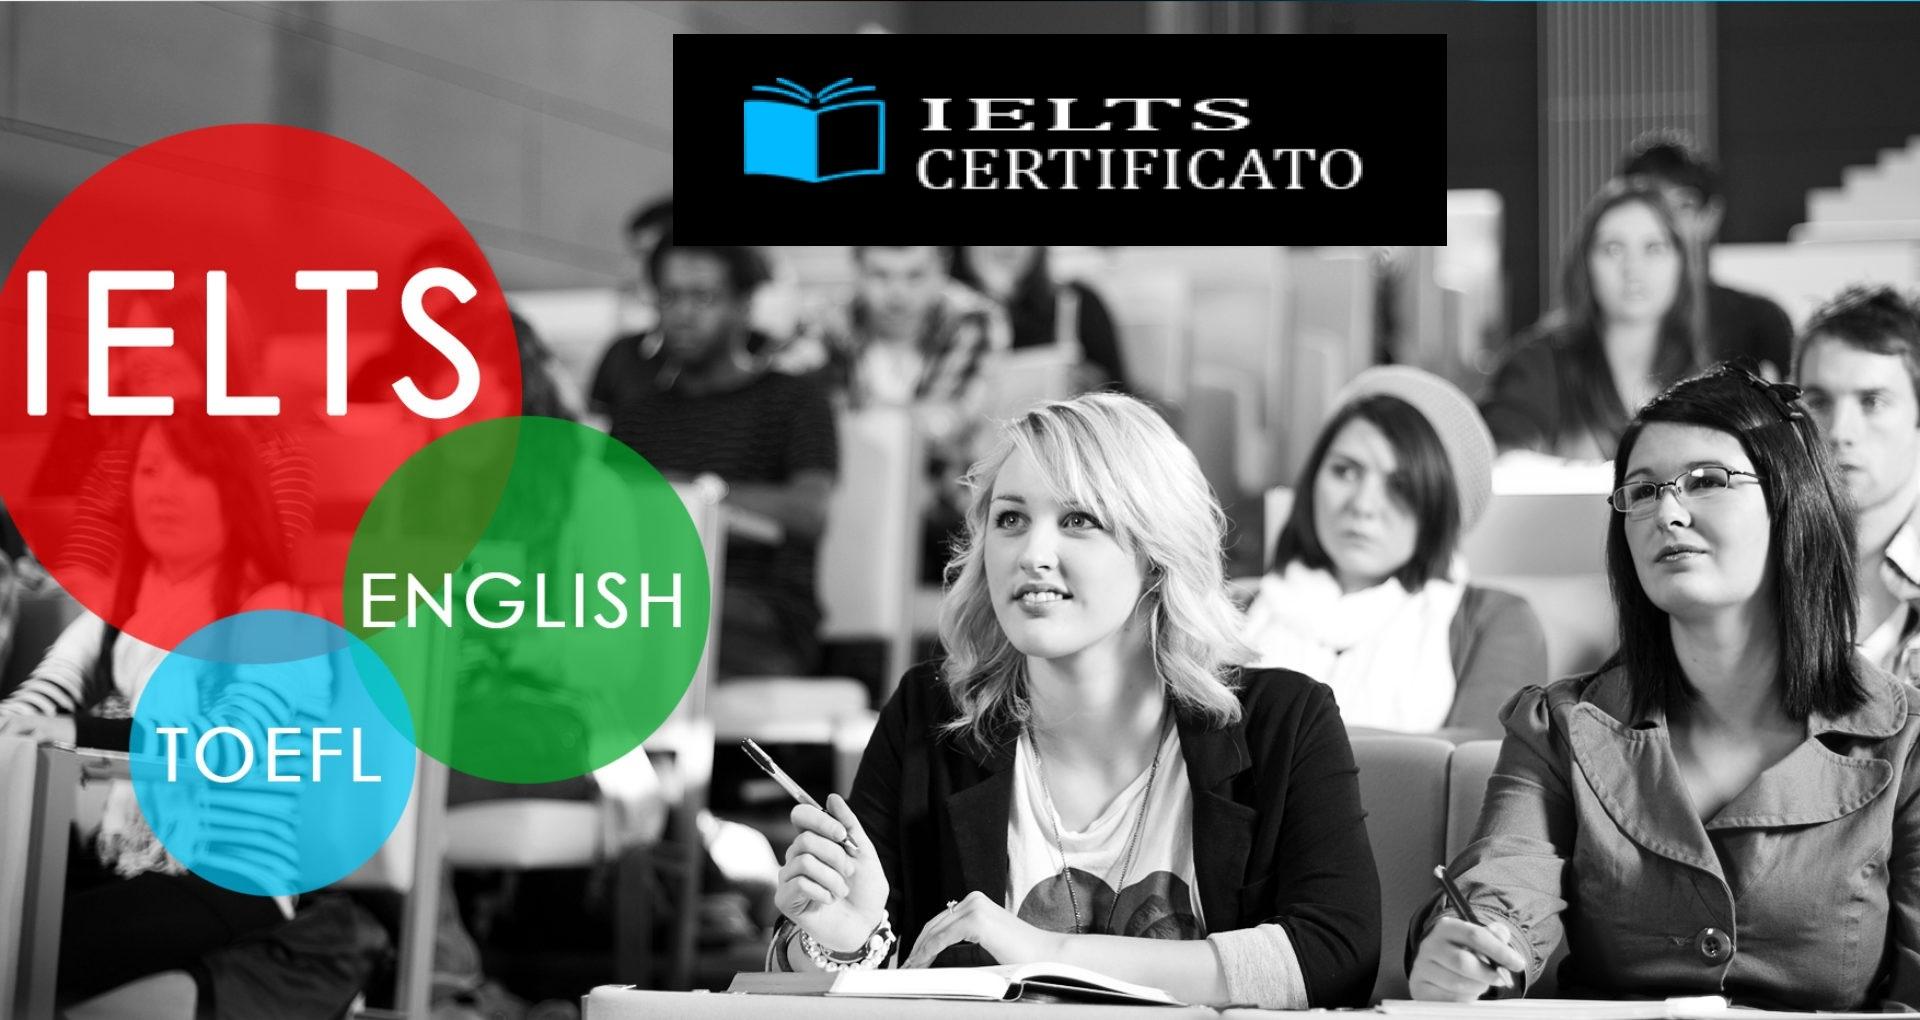 IELTScertificato (@ieltscertificato) Cover Image